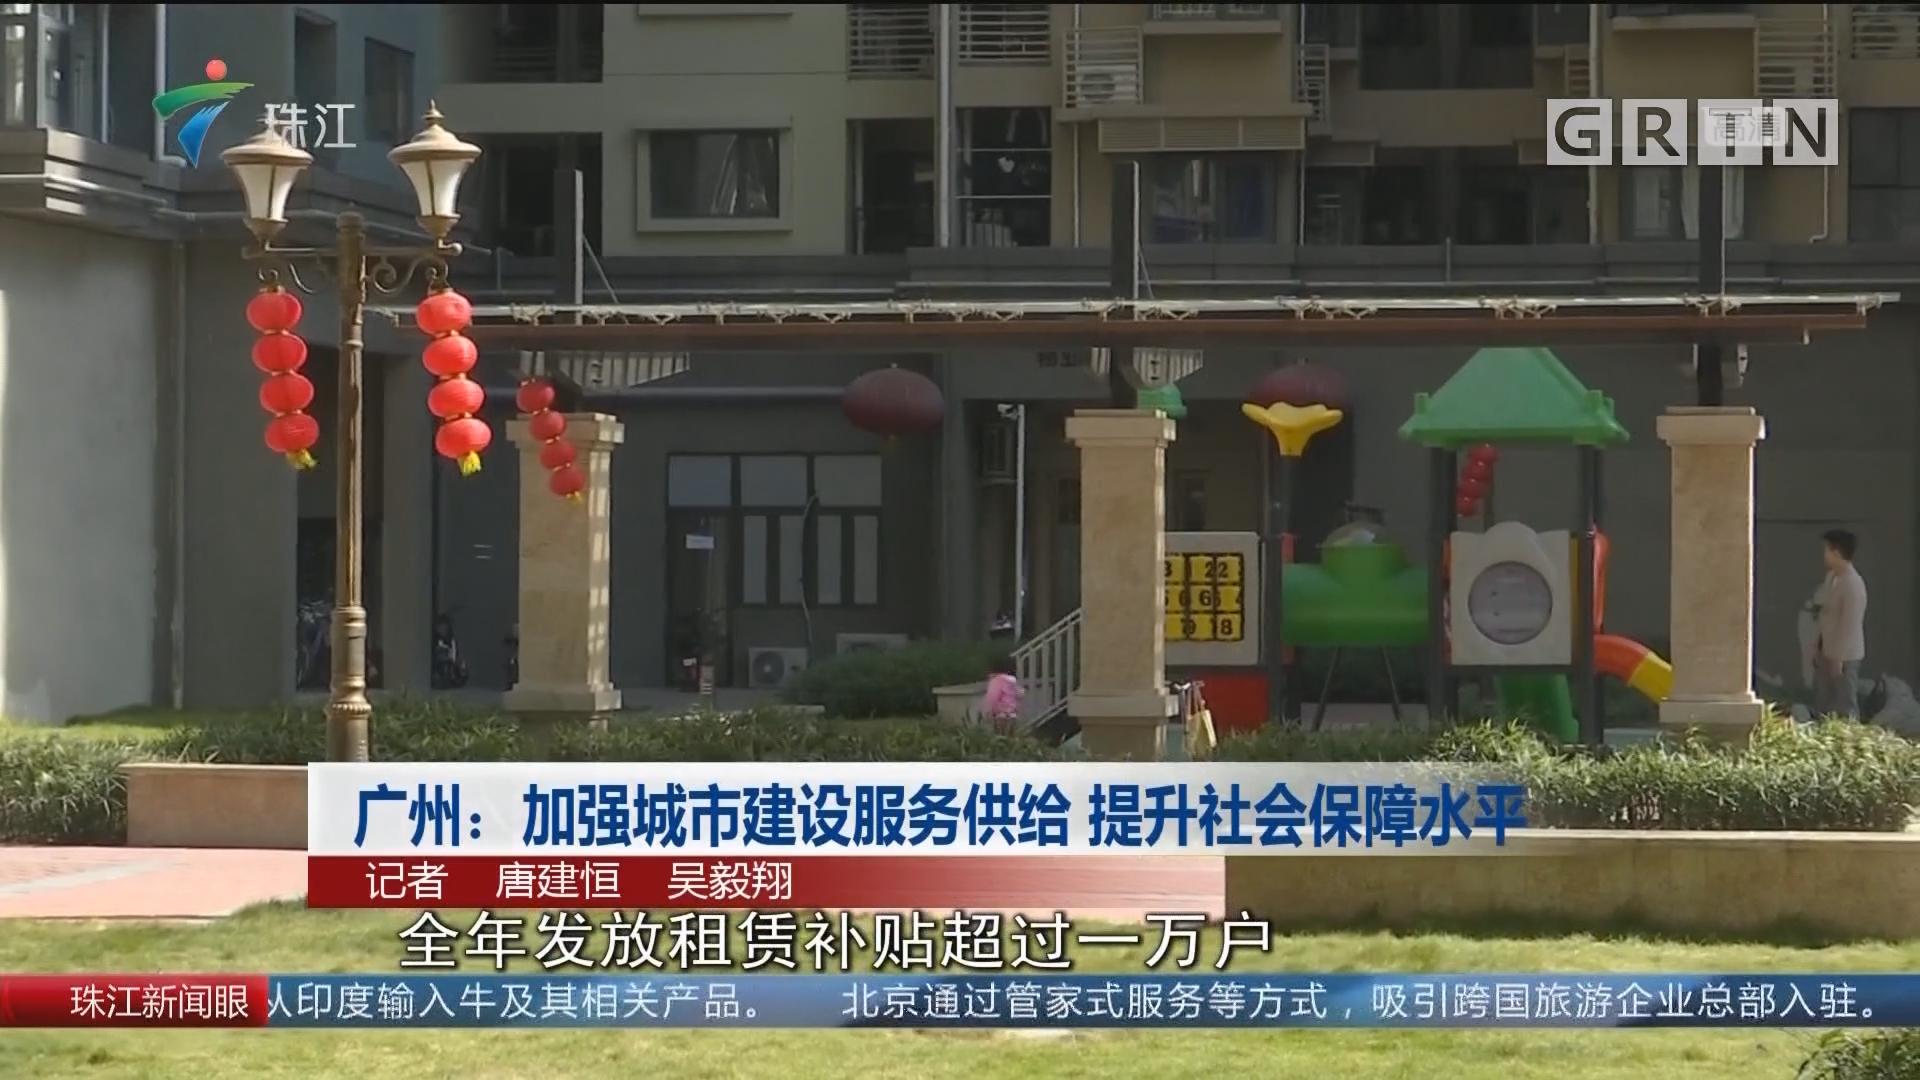 广州:加强城市建设服务供给 提升社会保障水平